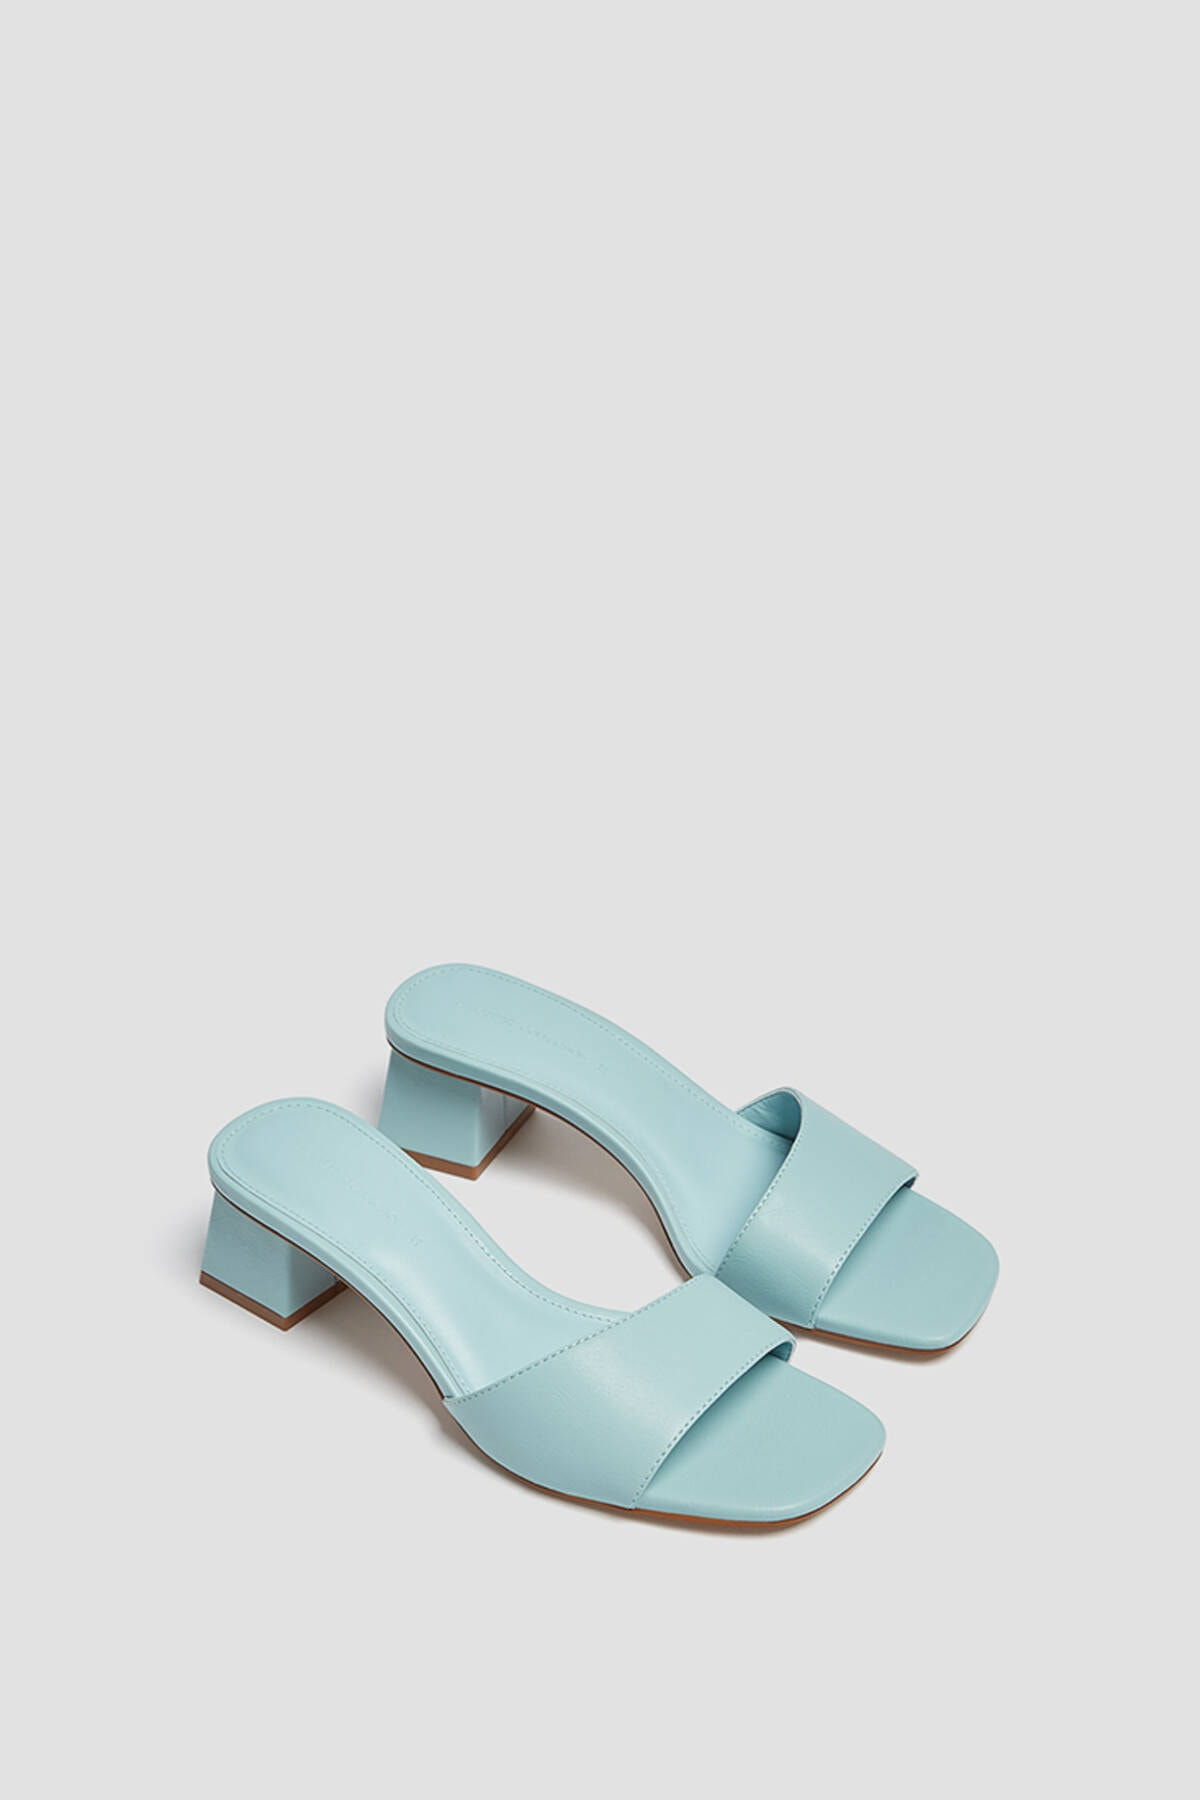 Pull & Bear Kadın Açık Mavi Kare Burunlu Topuklu Arkası Açık Ayakkabı 11609740